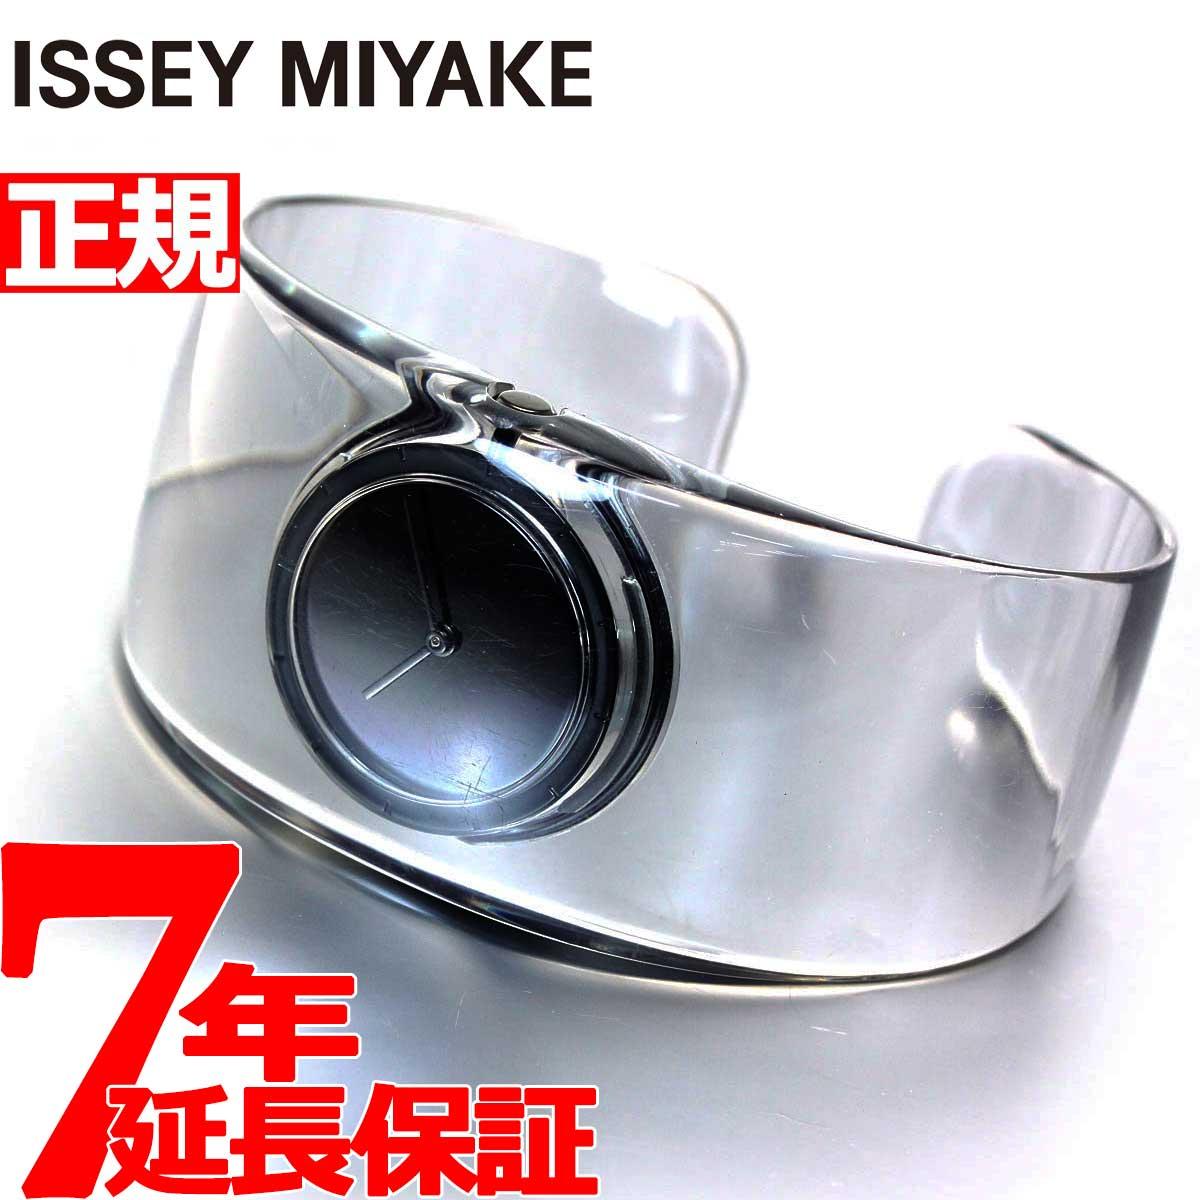 イッセイミヤケ ISSEY MIYAKE 腕時計 時計 レディース O オー 吉岡徳仁デザイン SILAW002